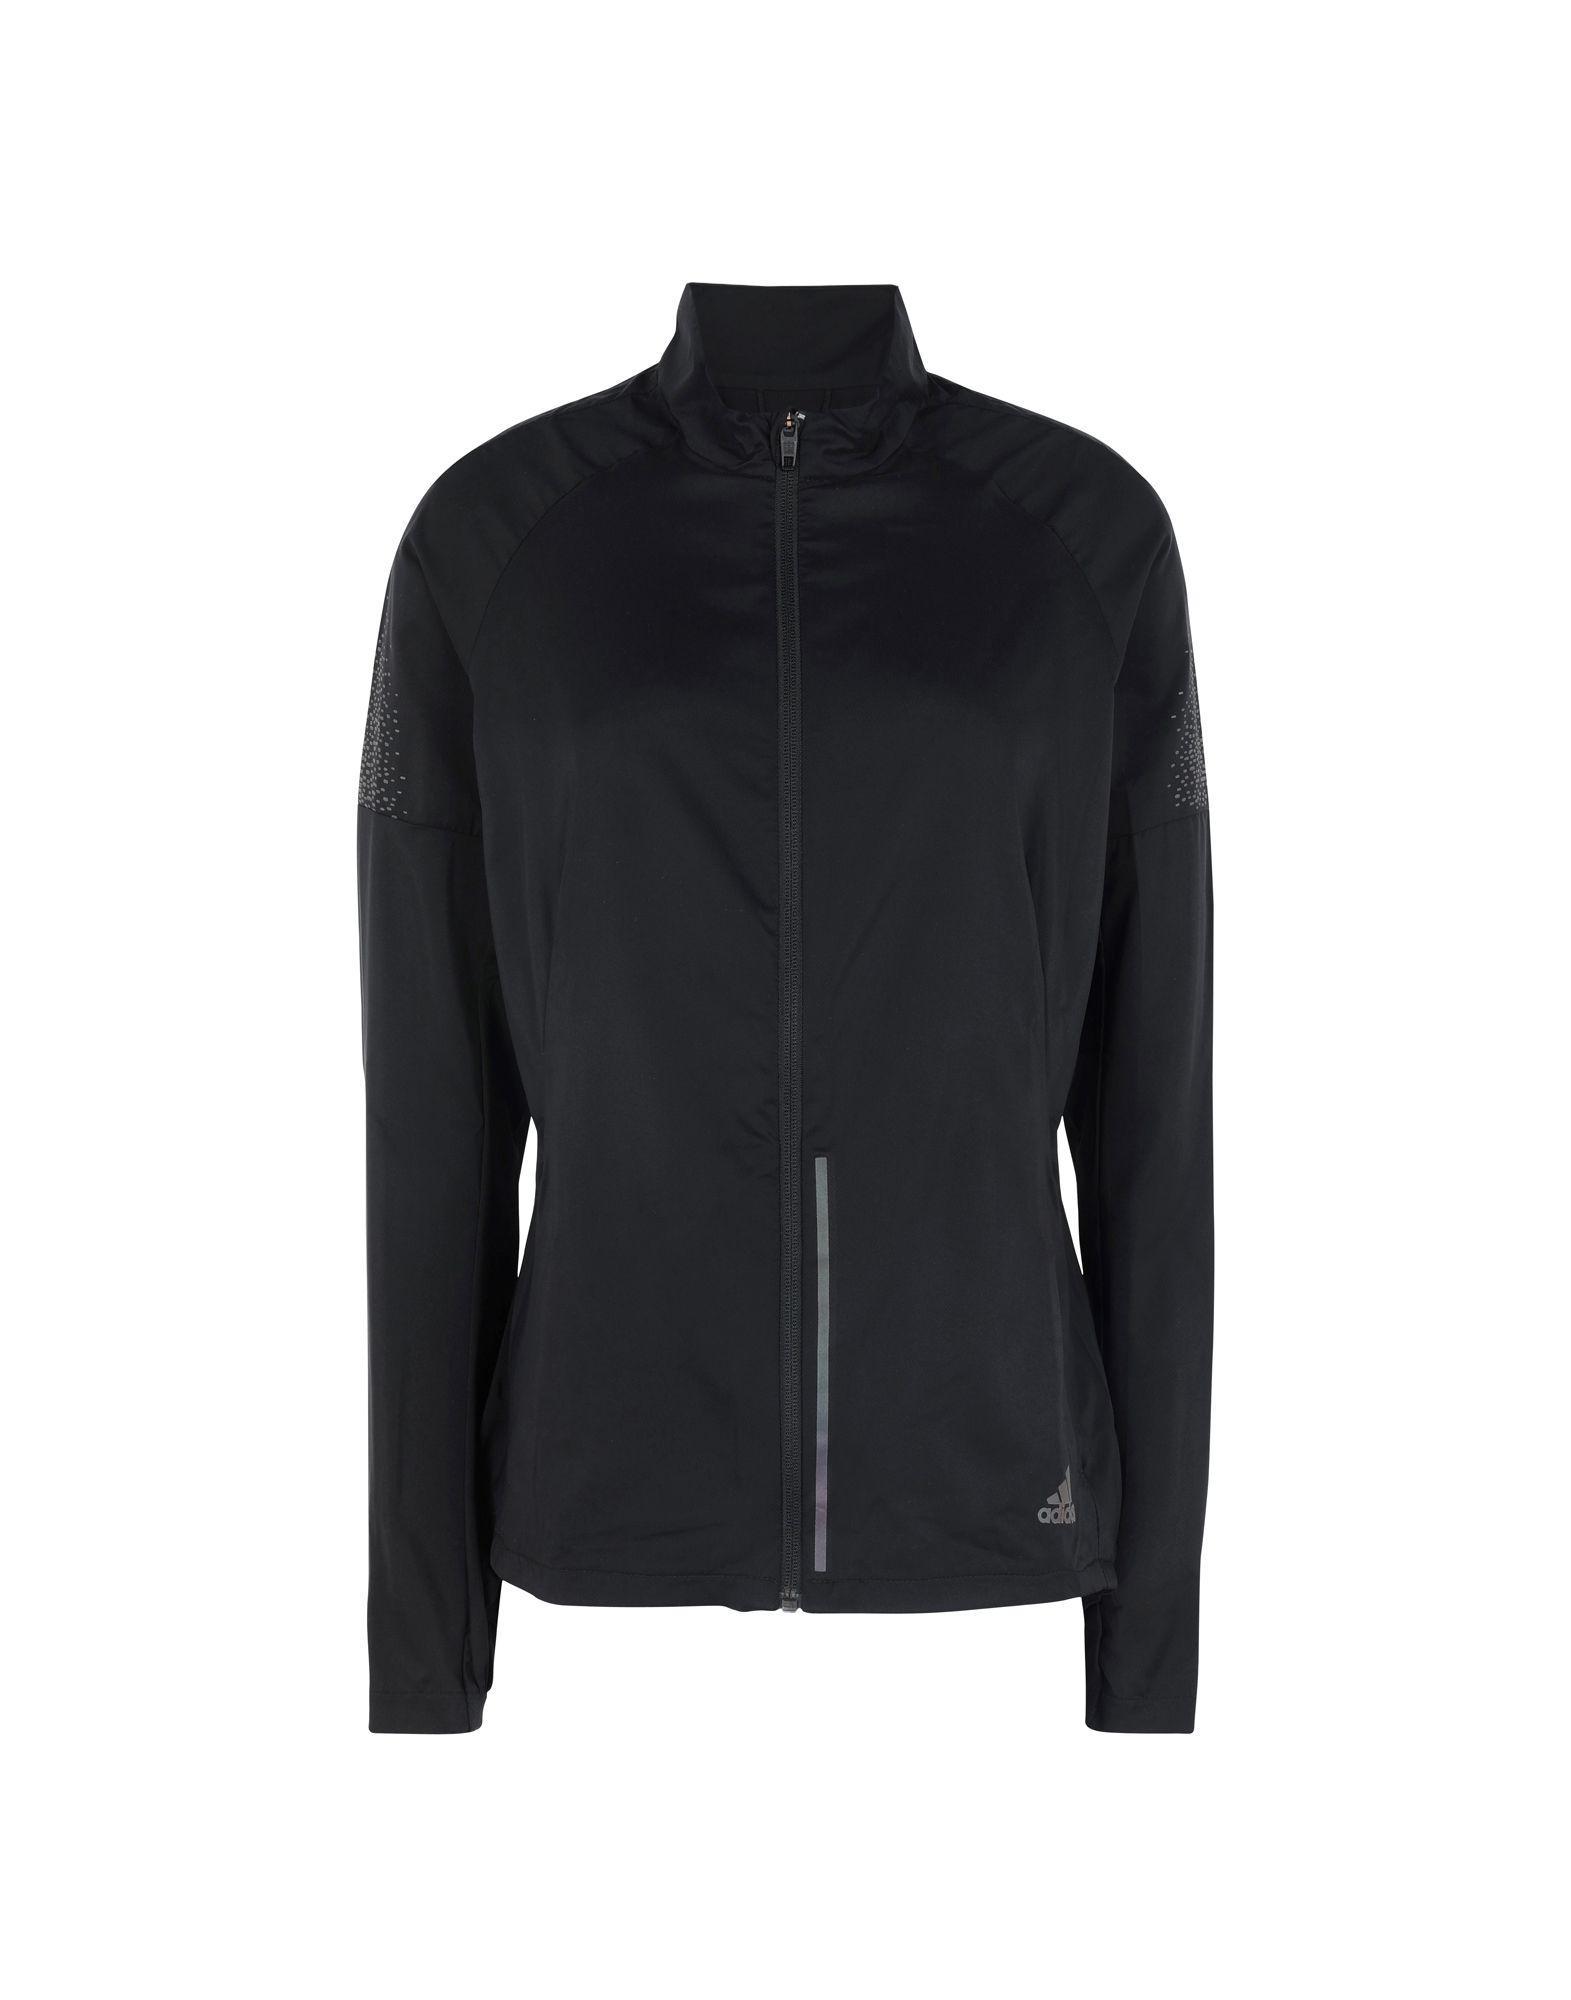 Женская верхняя одежда Adidas купить в интернет магазине ... dfdc771d91f